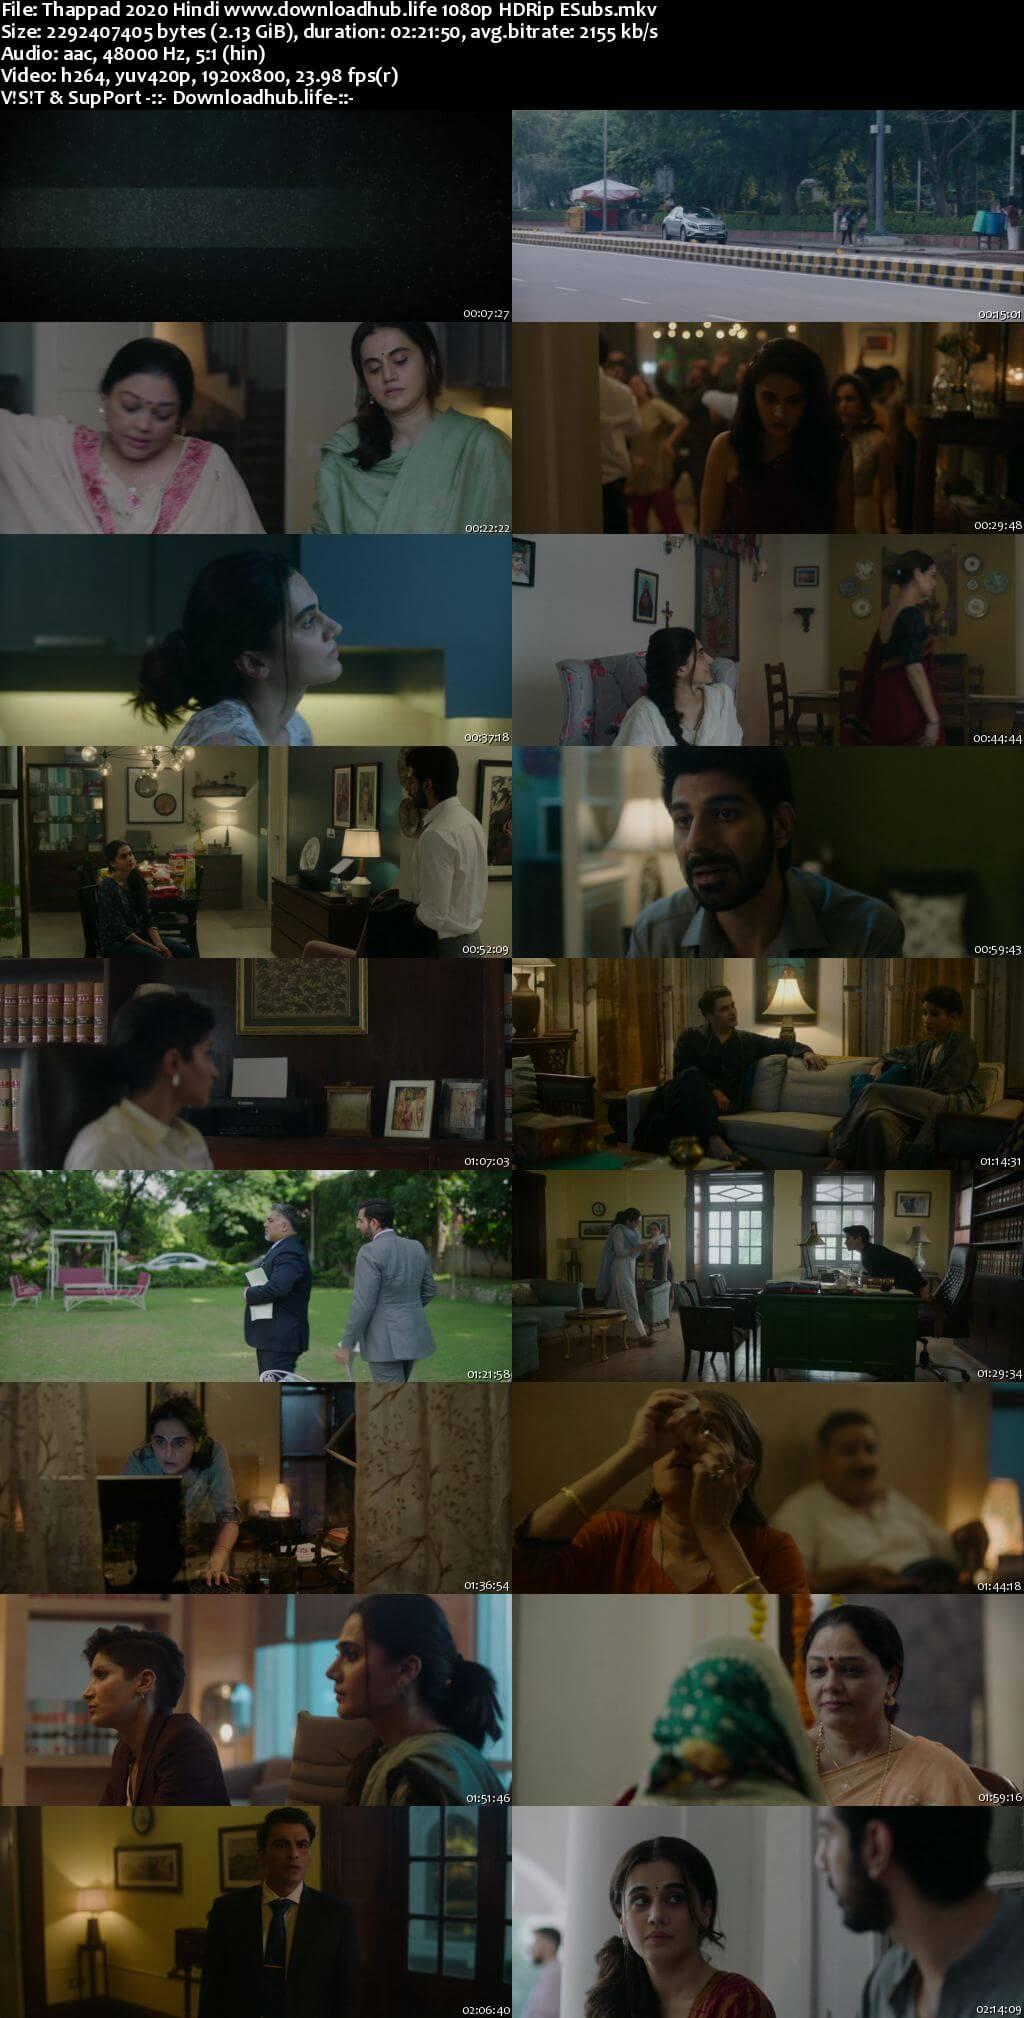 Thappad 2020 Hindi 1080p HDRip ESubs